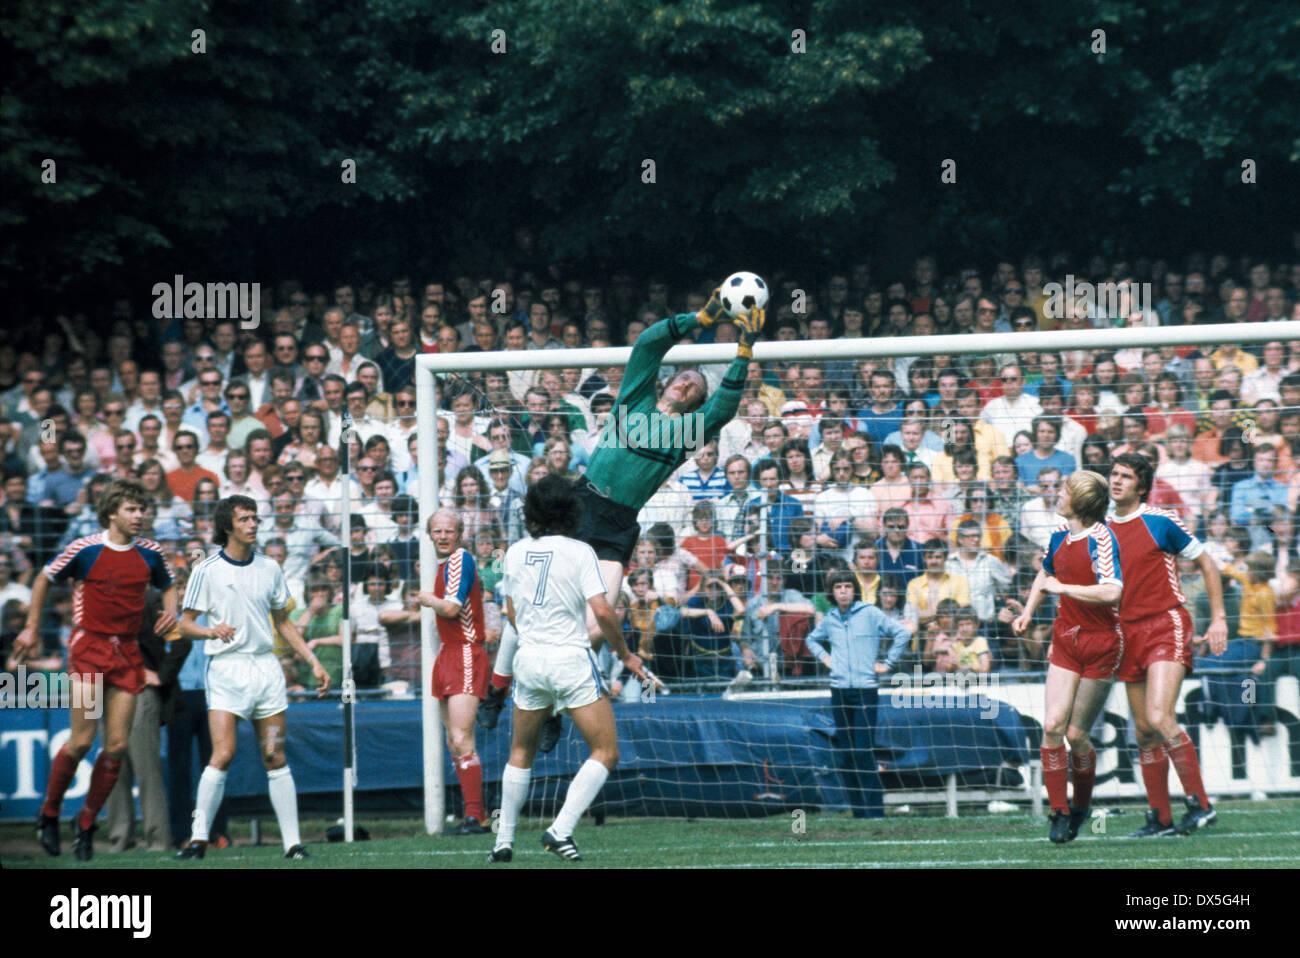 football, 2. Bundesliga Nord, 2. Bundesliga Sued, 1974/1975, relegation match to Bundesliga 1975/1976, return leg, Grotenburg Stadium in Krefeld, FC Bayer 05 Uerdingen versus FK Pirmasens 6:0, flying save by keeper Manfred Kroke (Uerdingen) - Stock Image